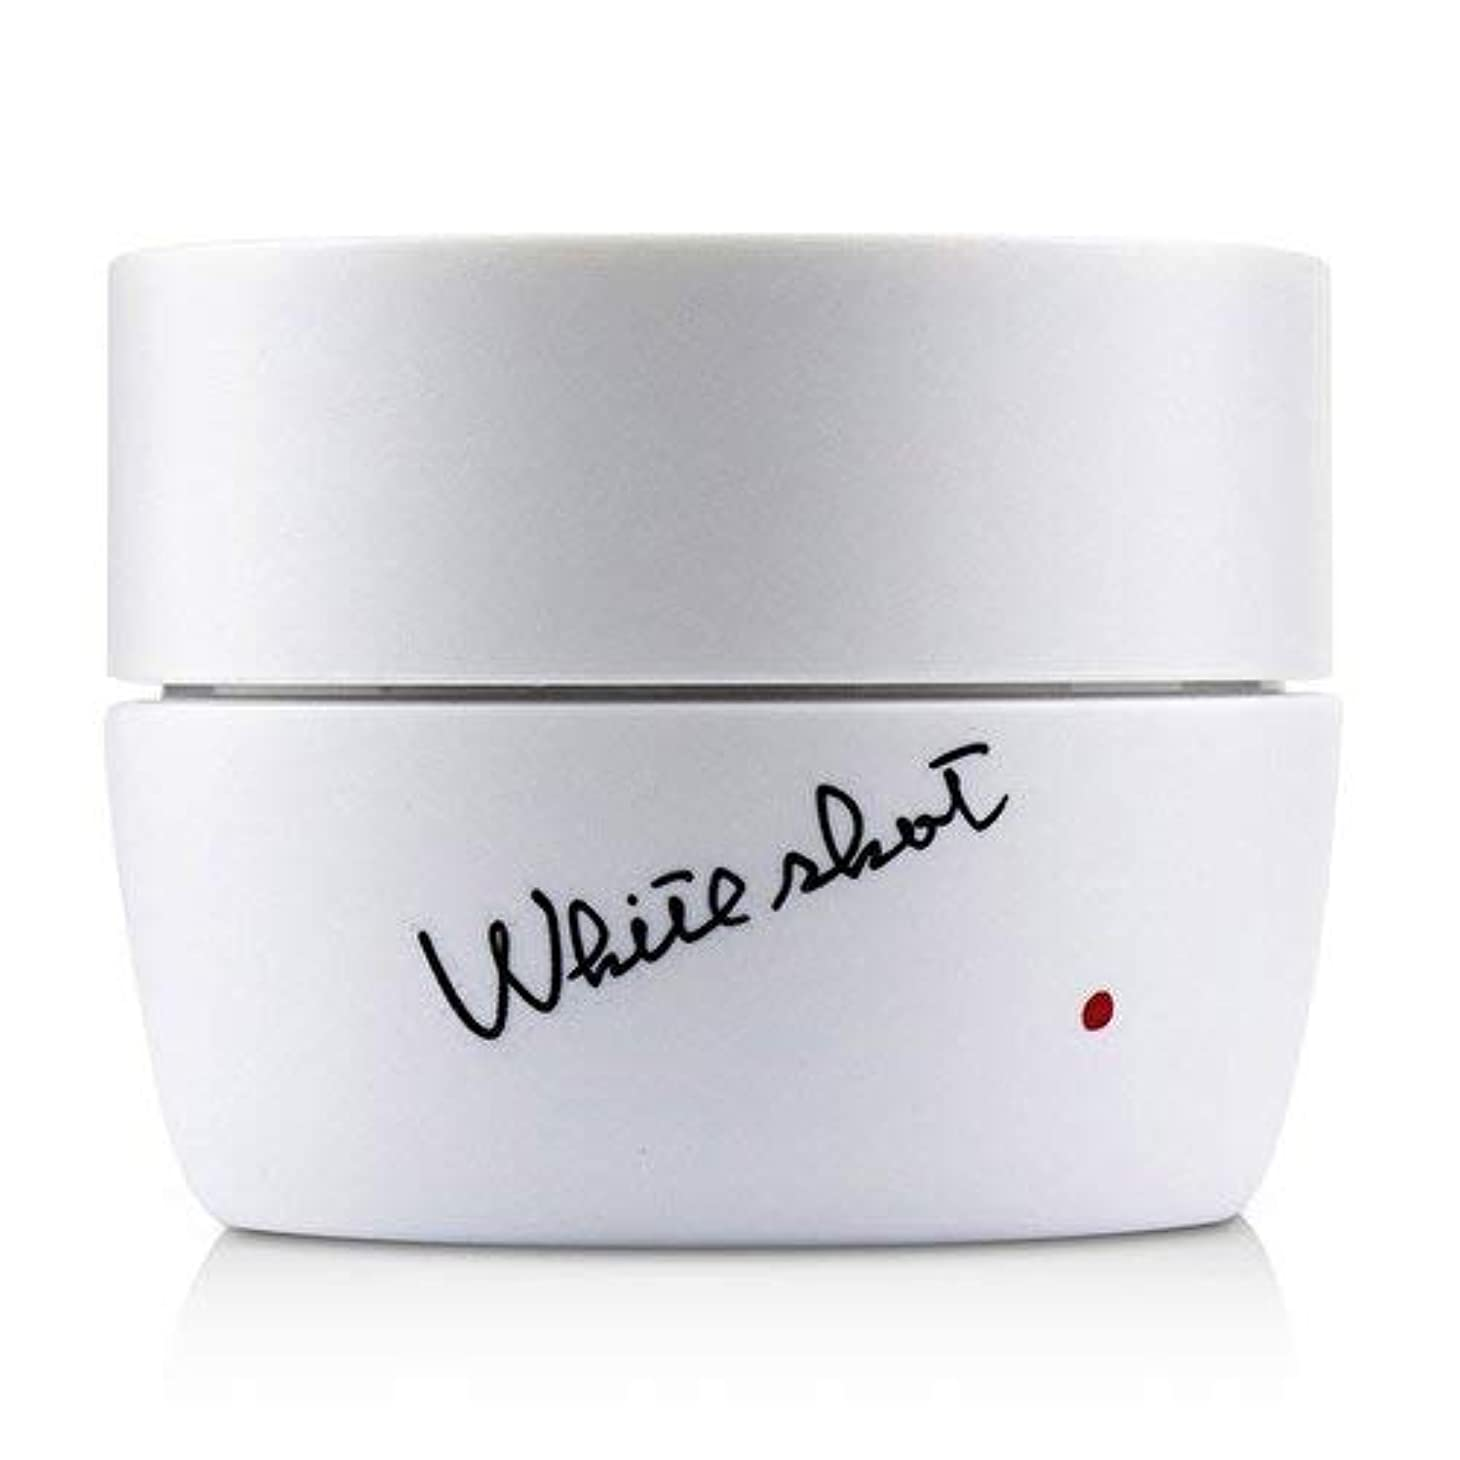 ストレスの多い部分的に土砂降りpola ホワイトショットRXS 新商品